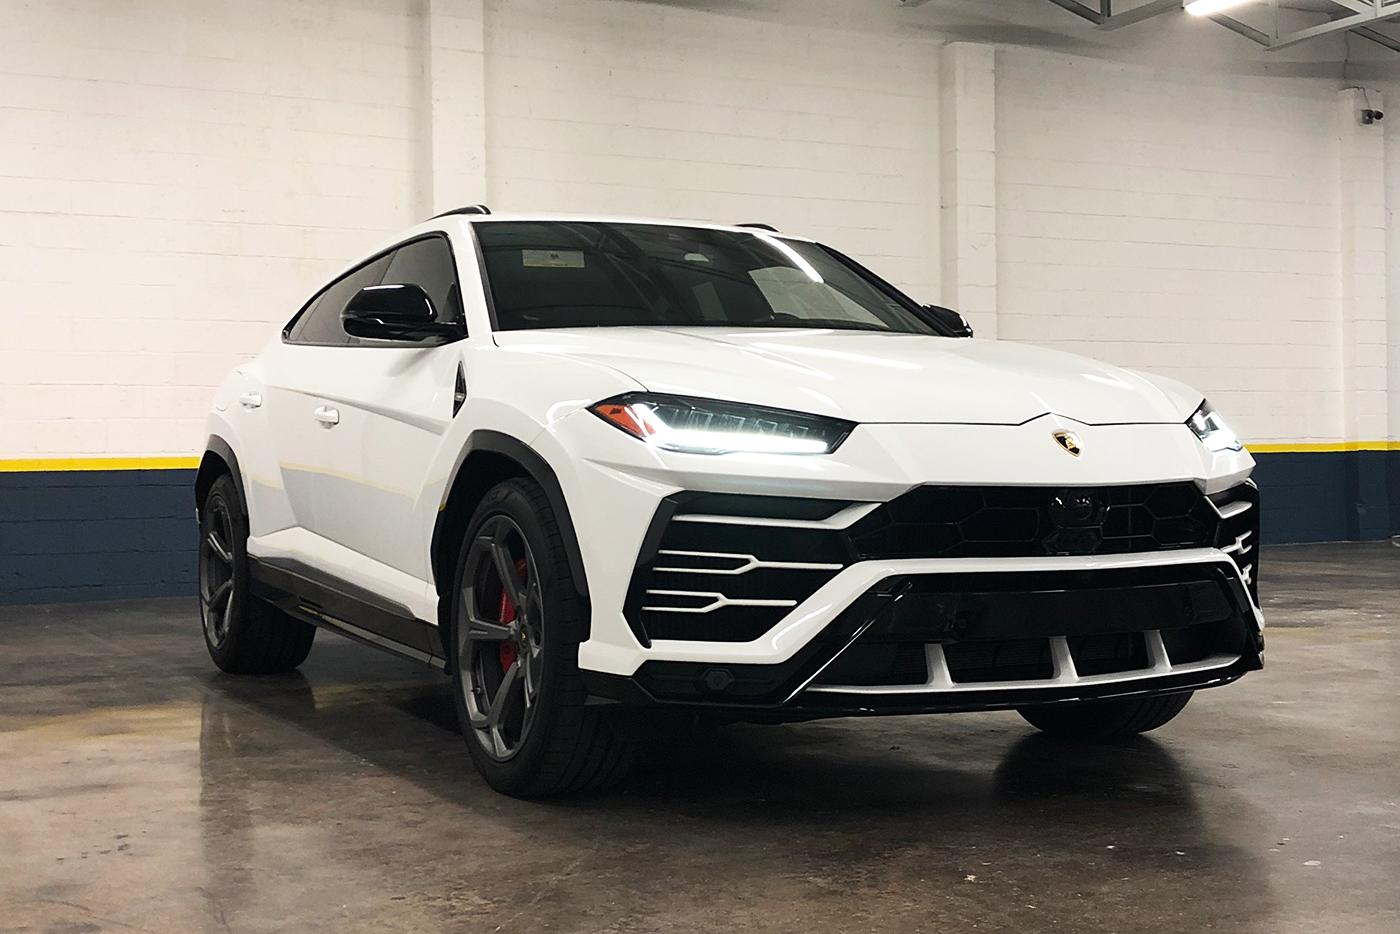 Lamborghini-Urus-_-Website1.jpg